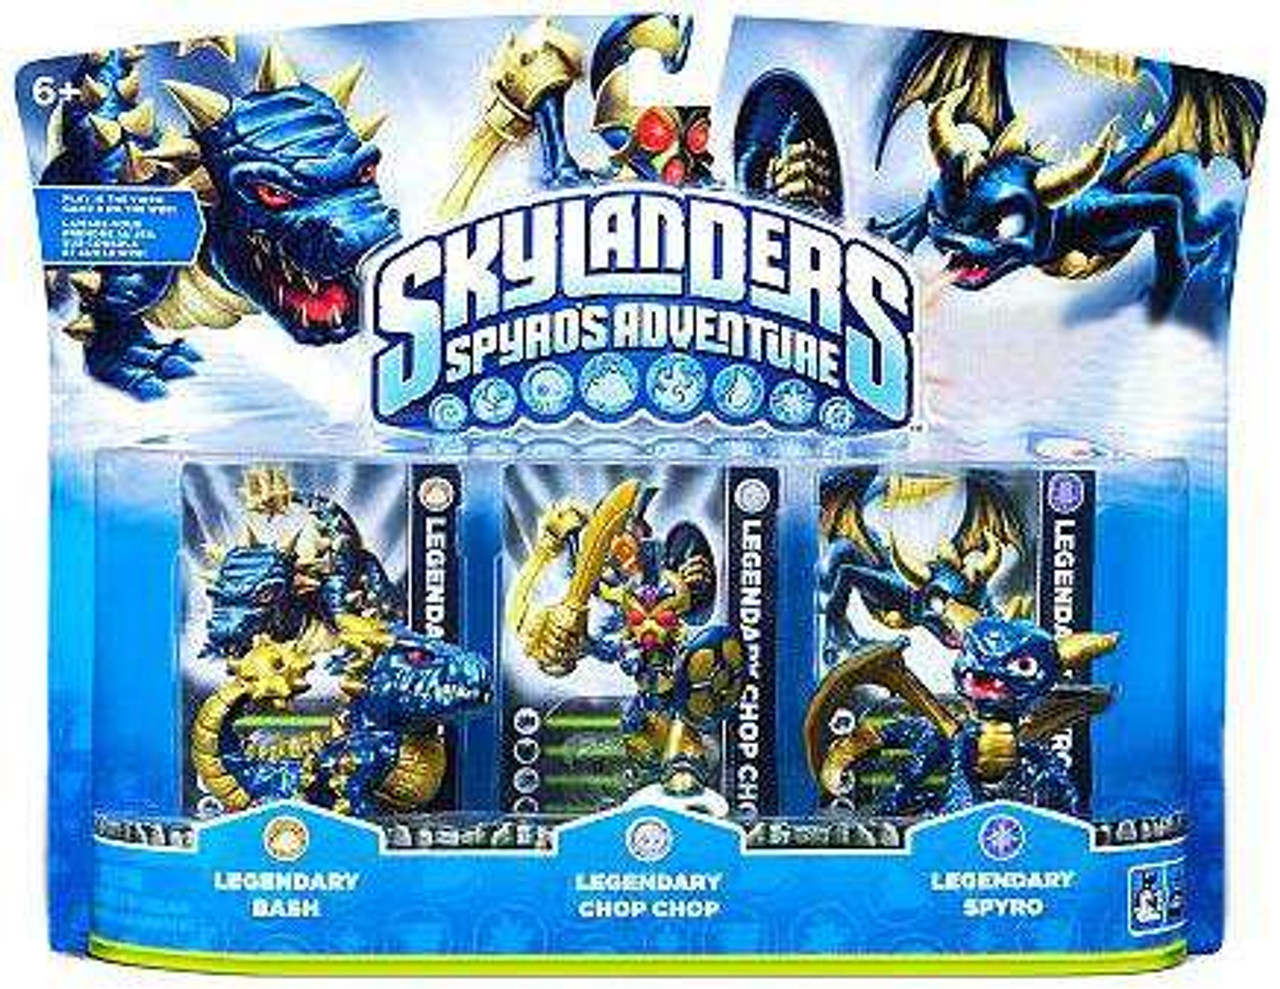 Skylanders Spyro's Adventure Legendary Bash, Chop Chop & Spyro Exclusive Figure 3-Pack